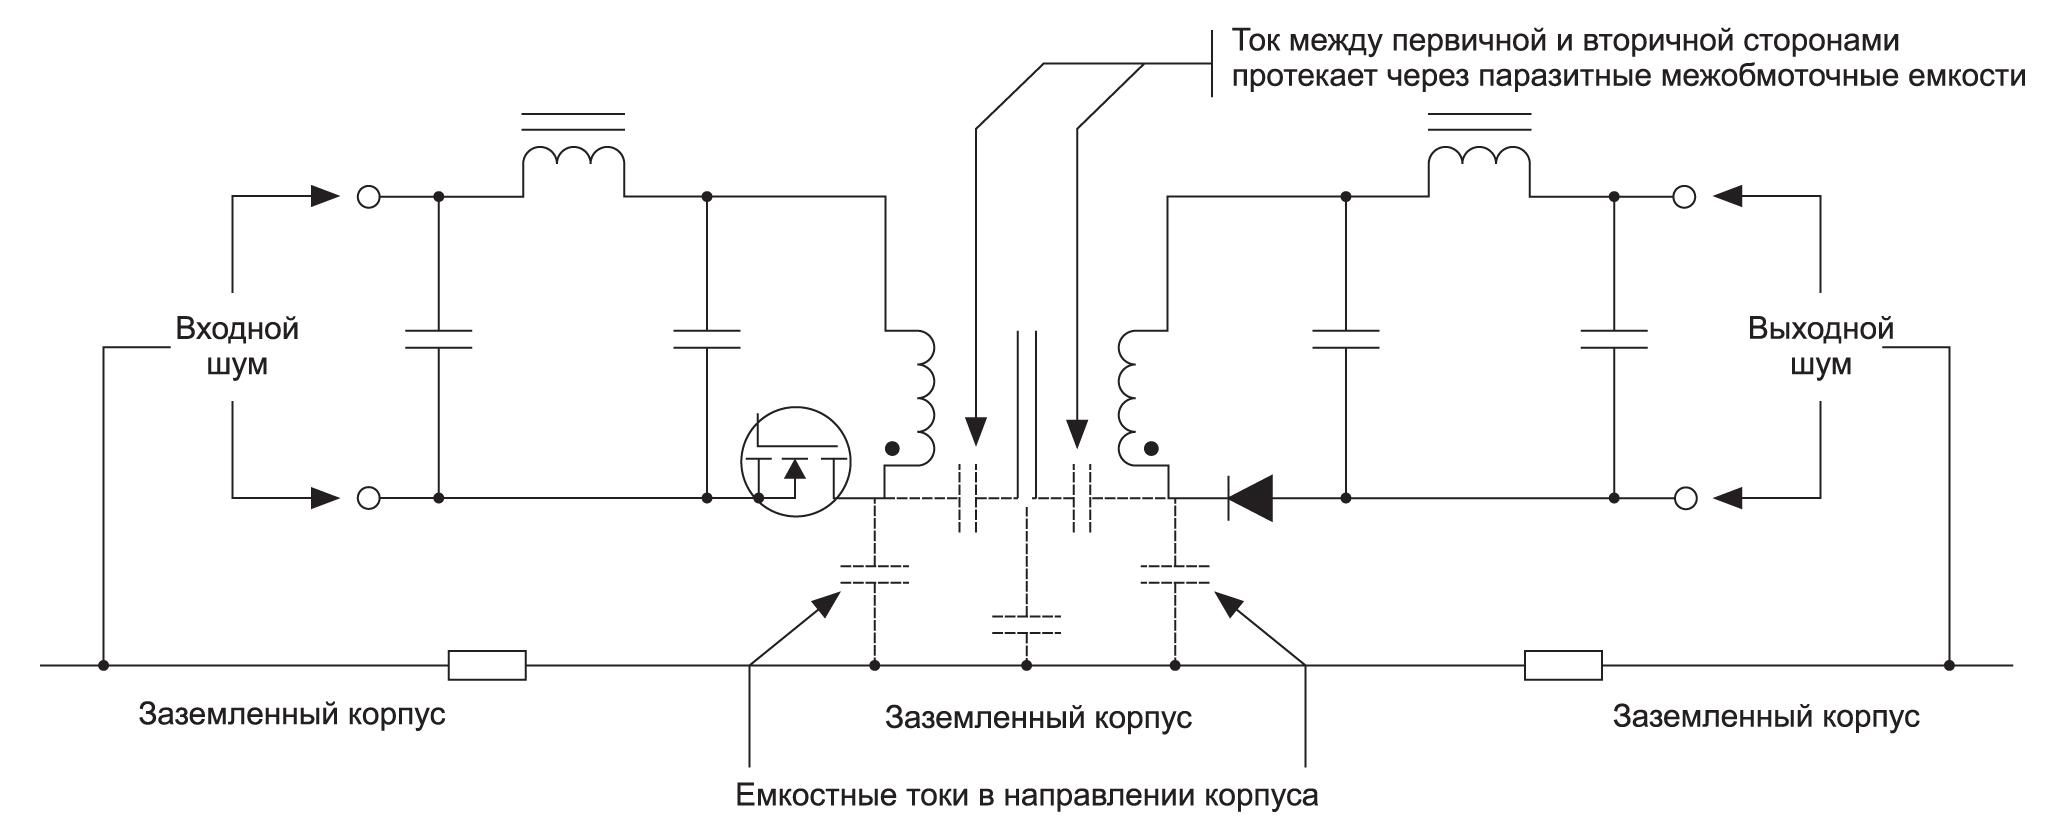 Механизм возникновения синфазных помех